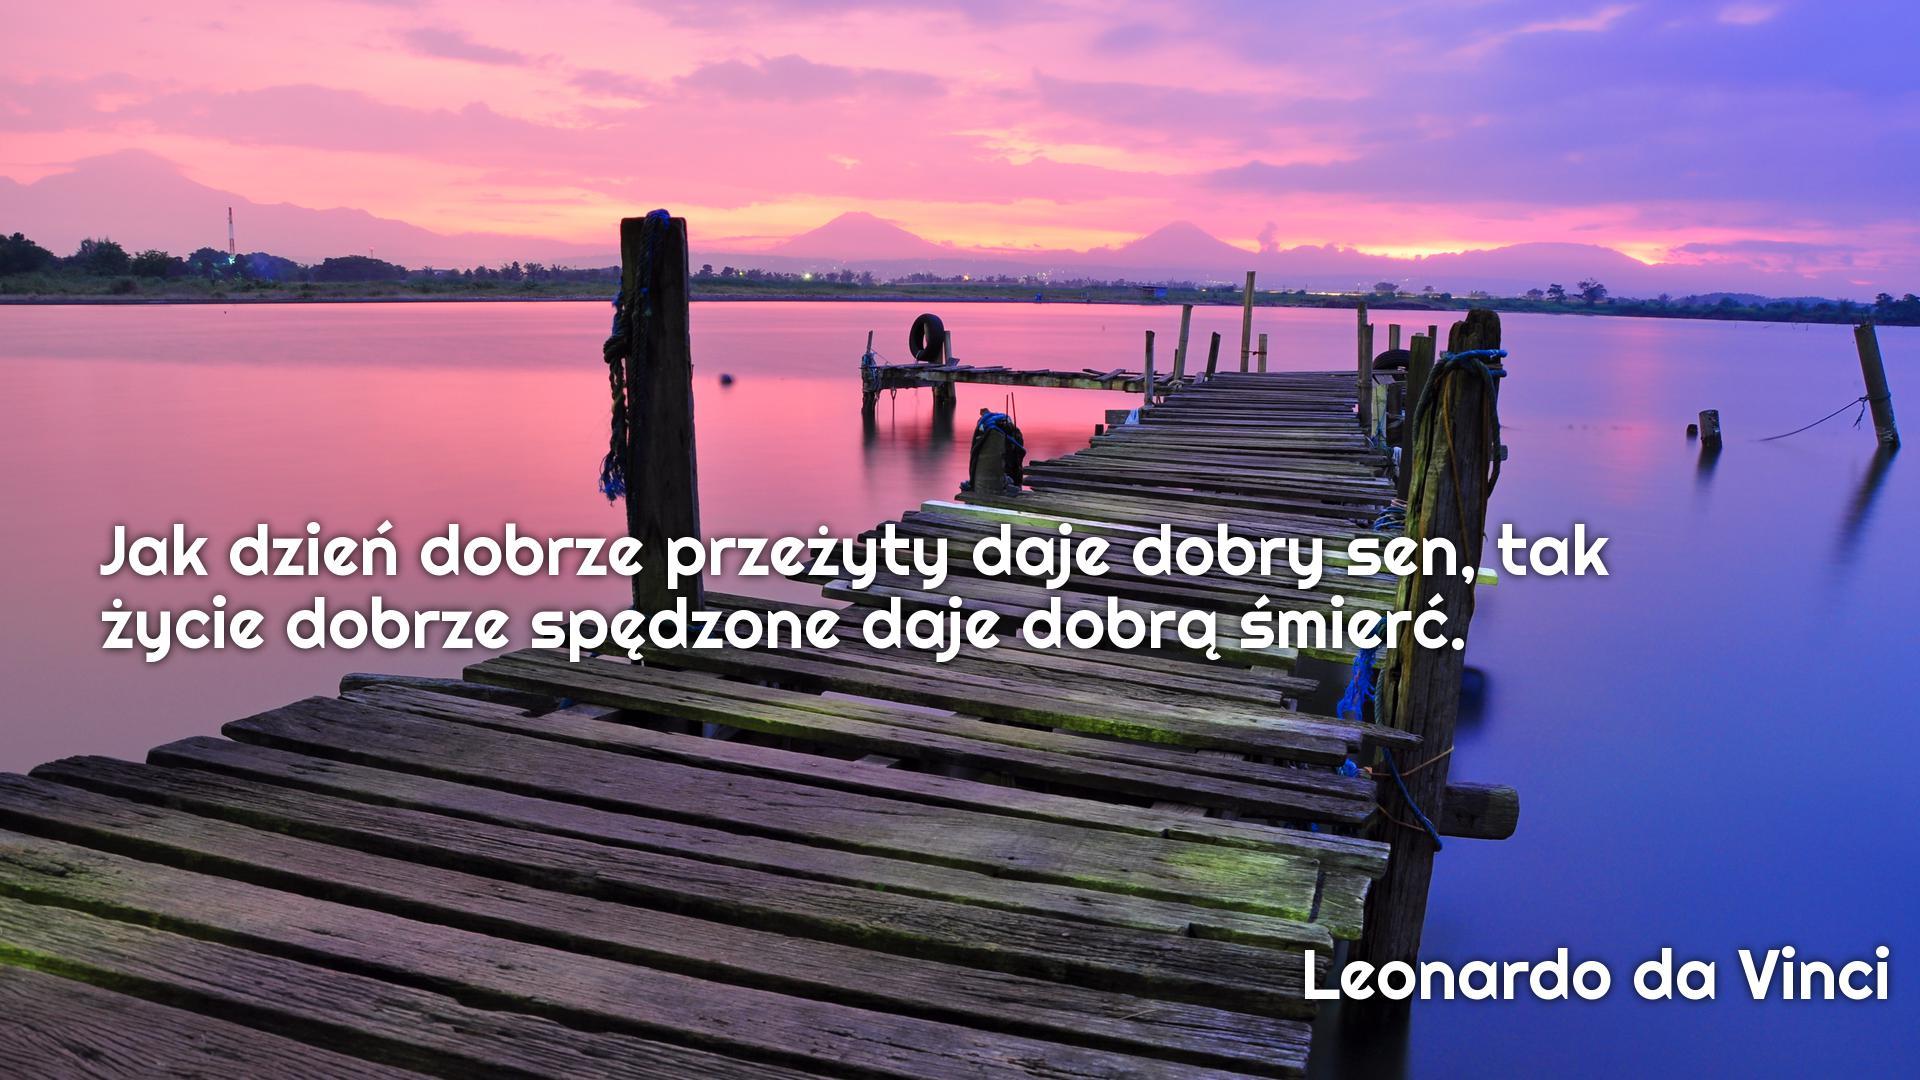 Jak dzień dobrze przeżyty daje dobry sen, tak życie dobrze spędzone daje dobrą śmierć.